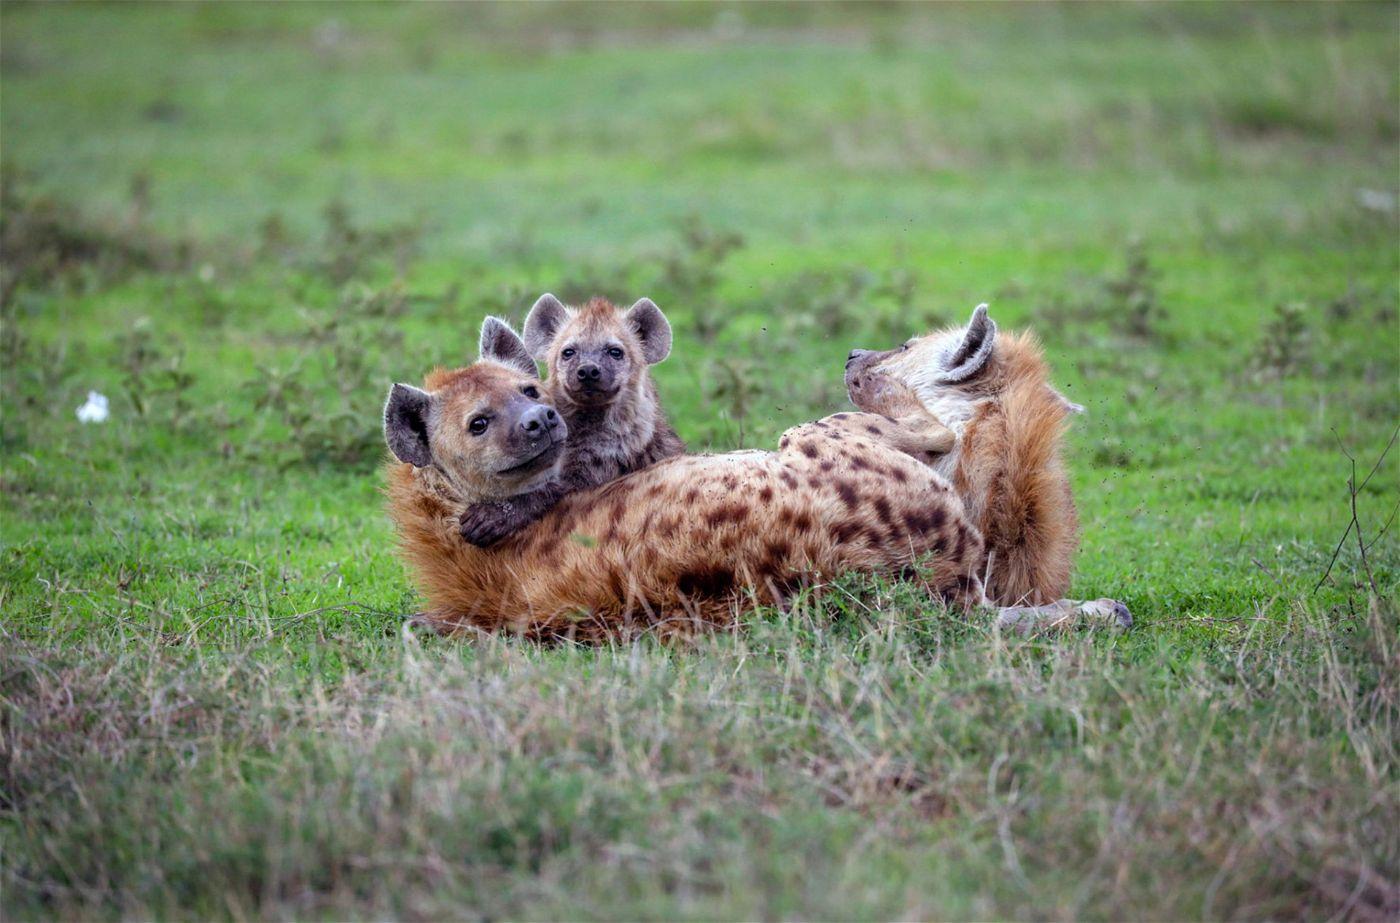 Hyänen sind sehr soziale Beutegreifer, die im Rudel leben. Der Anführer eines Clans ist immer ein ranghohes weibliches Tier.